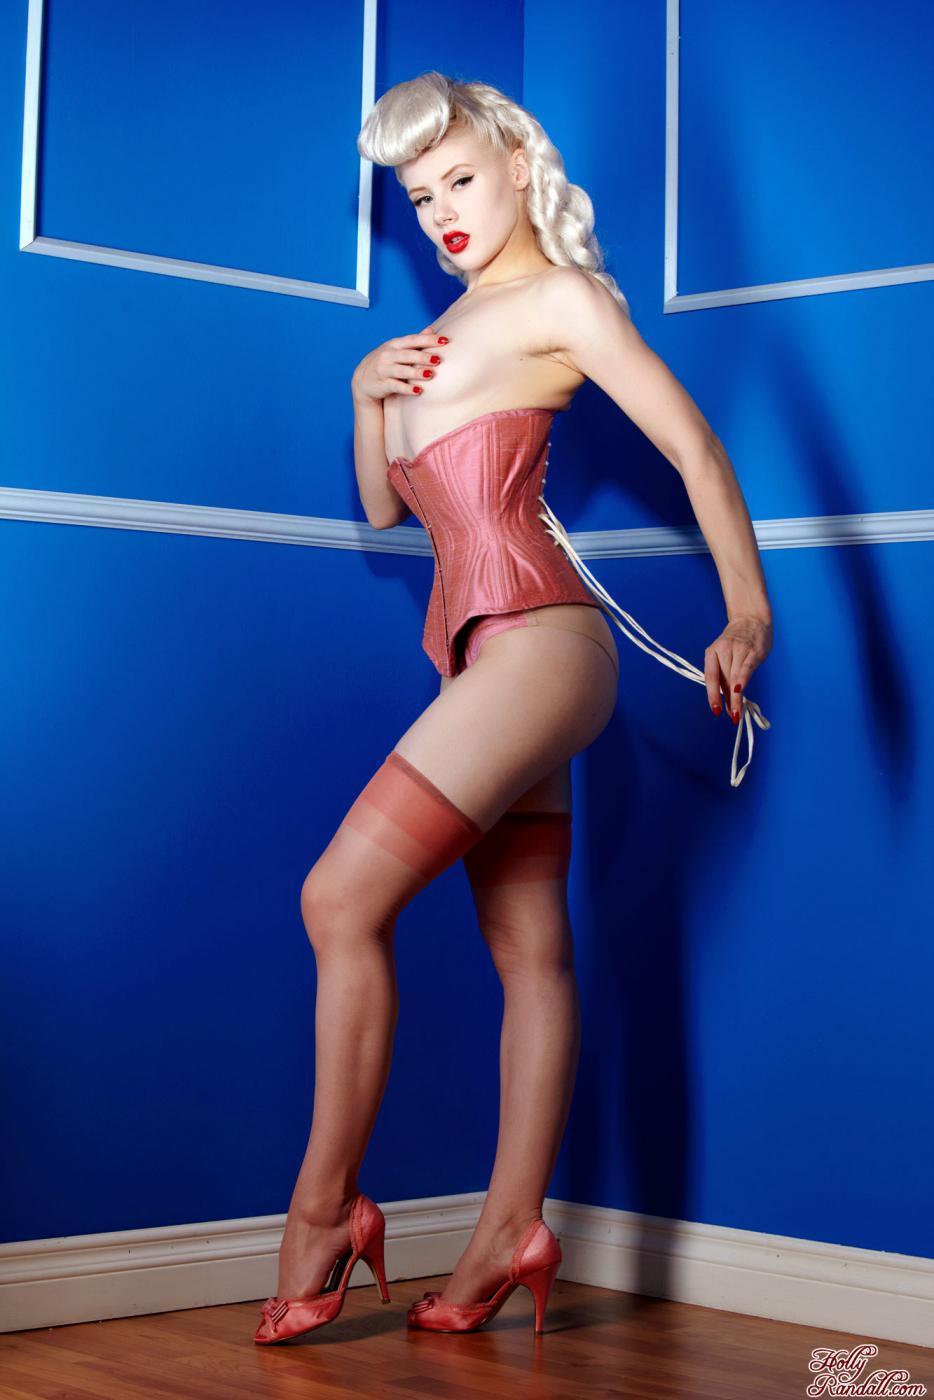 Сексуальная блондинка в красном нижнем белье Mosh выглядит как Марлин Монро эротично позируя на камеру